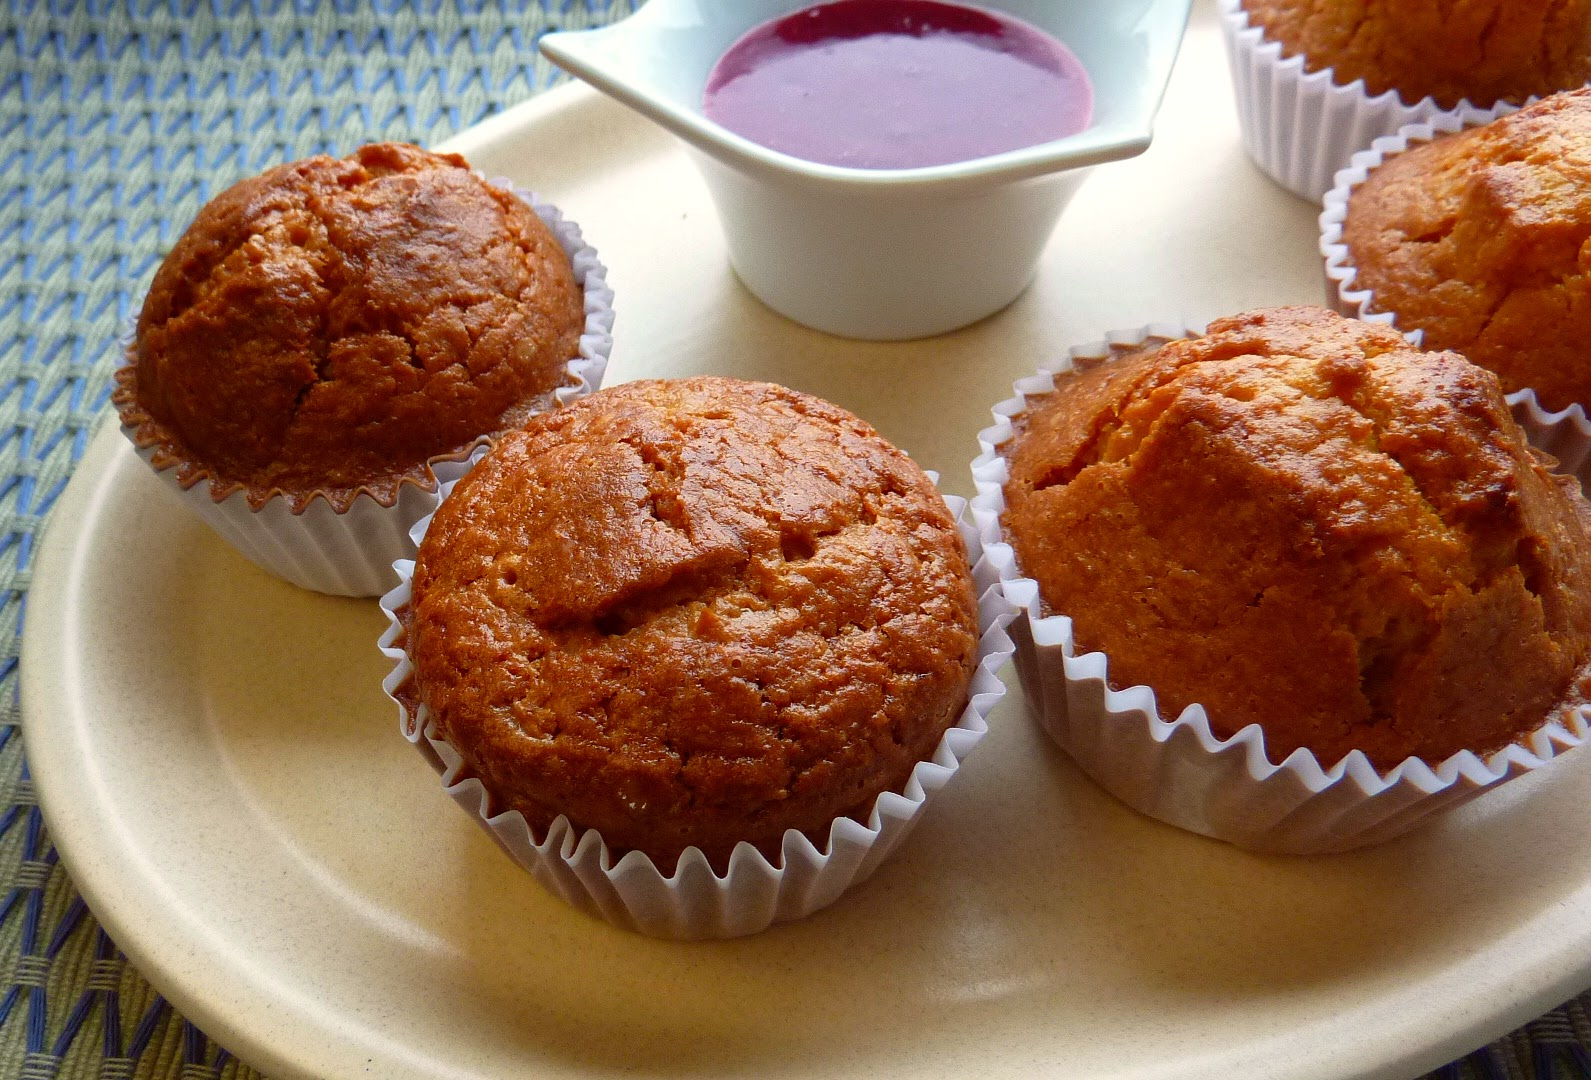 Receta: Cupcakes de elote maiz choclo